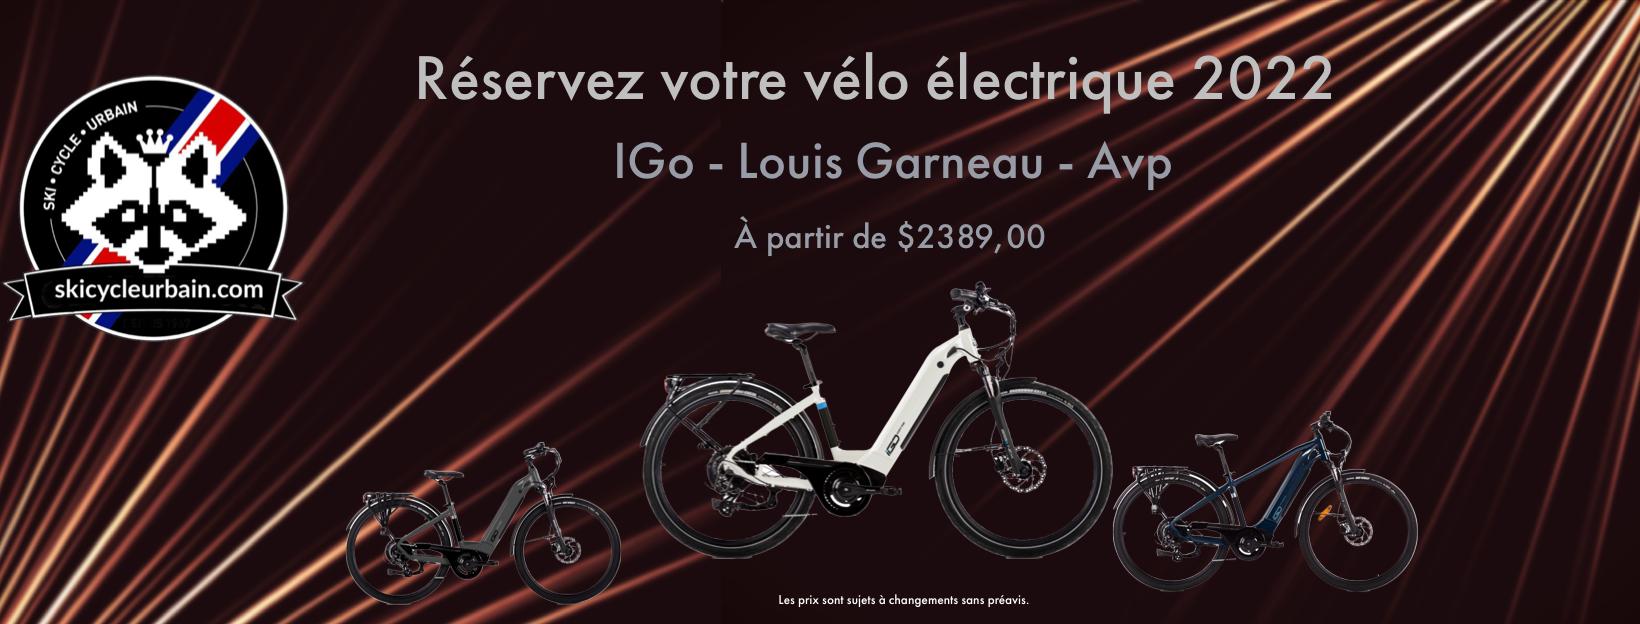 Vélo électrique 2022